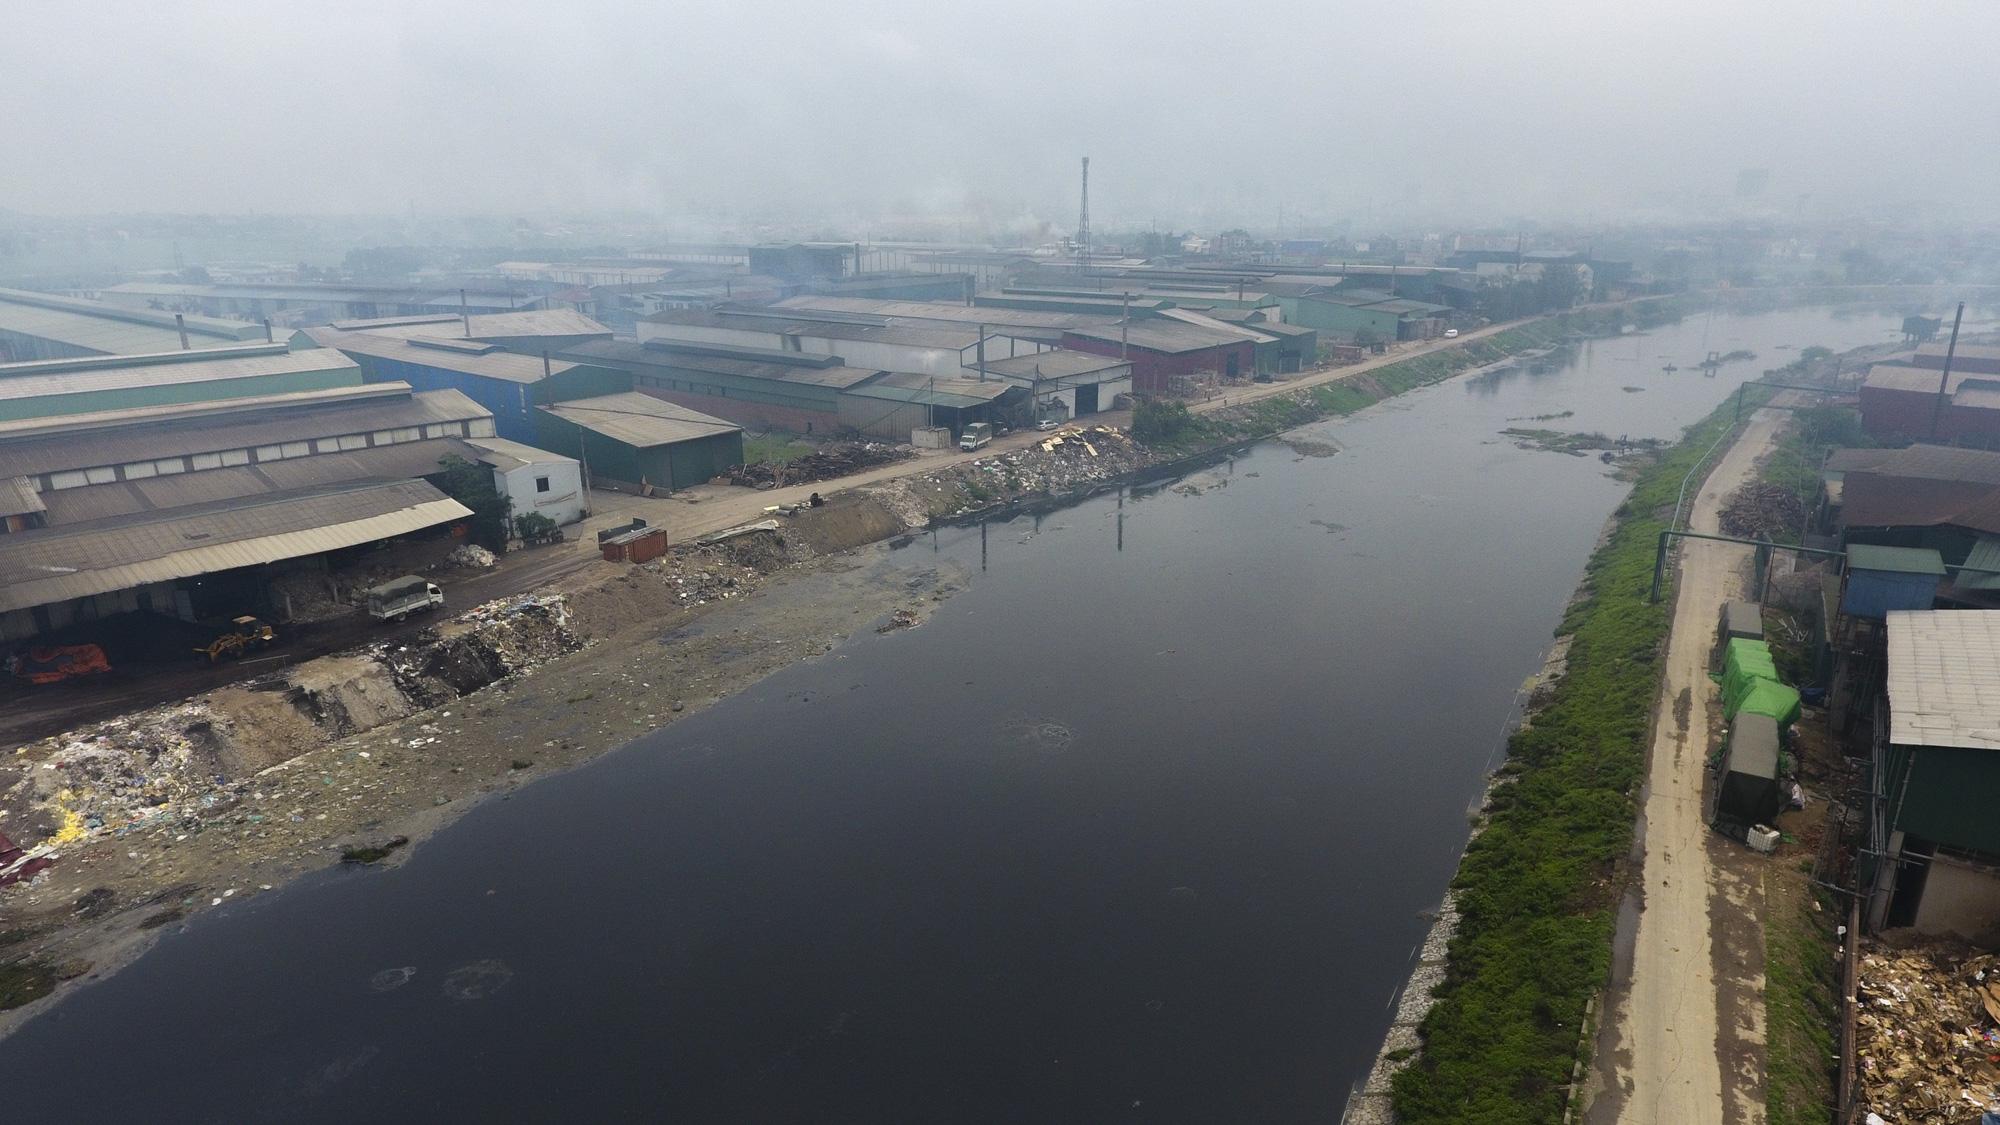 Bắc Ninh: Xử lý hình sự các trường hợp chống đối, gây ô nhiễm môi trường kinh hoàng ở làng giấy Phong Khê - Ảnh 6.